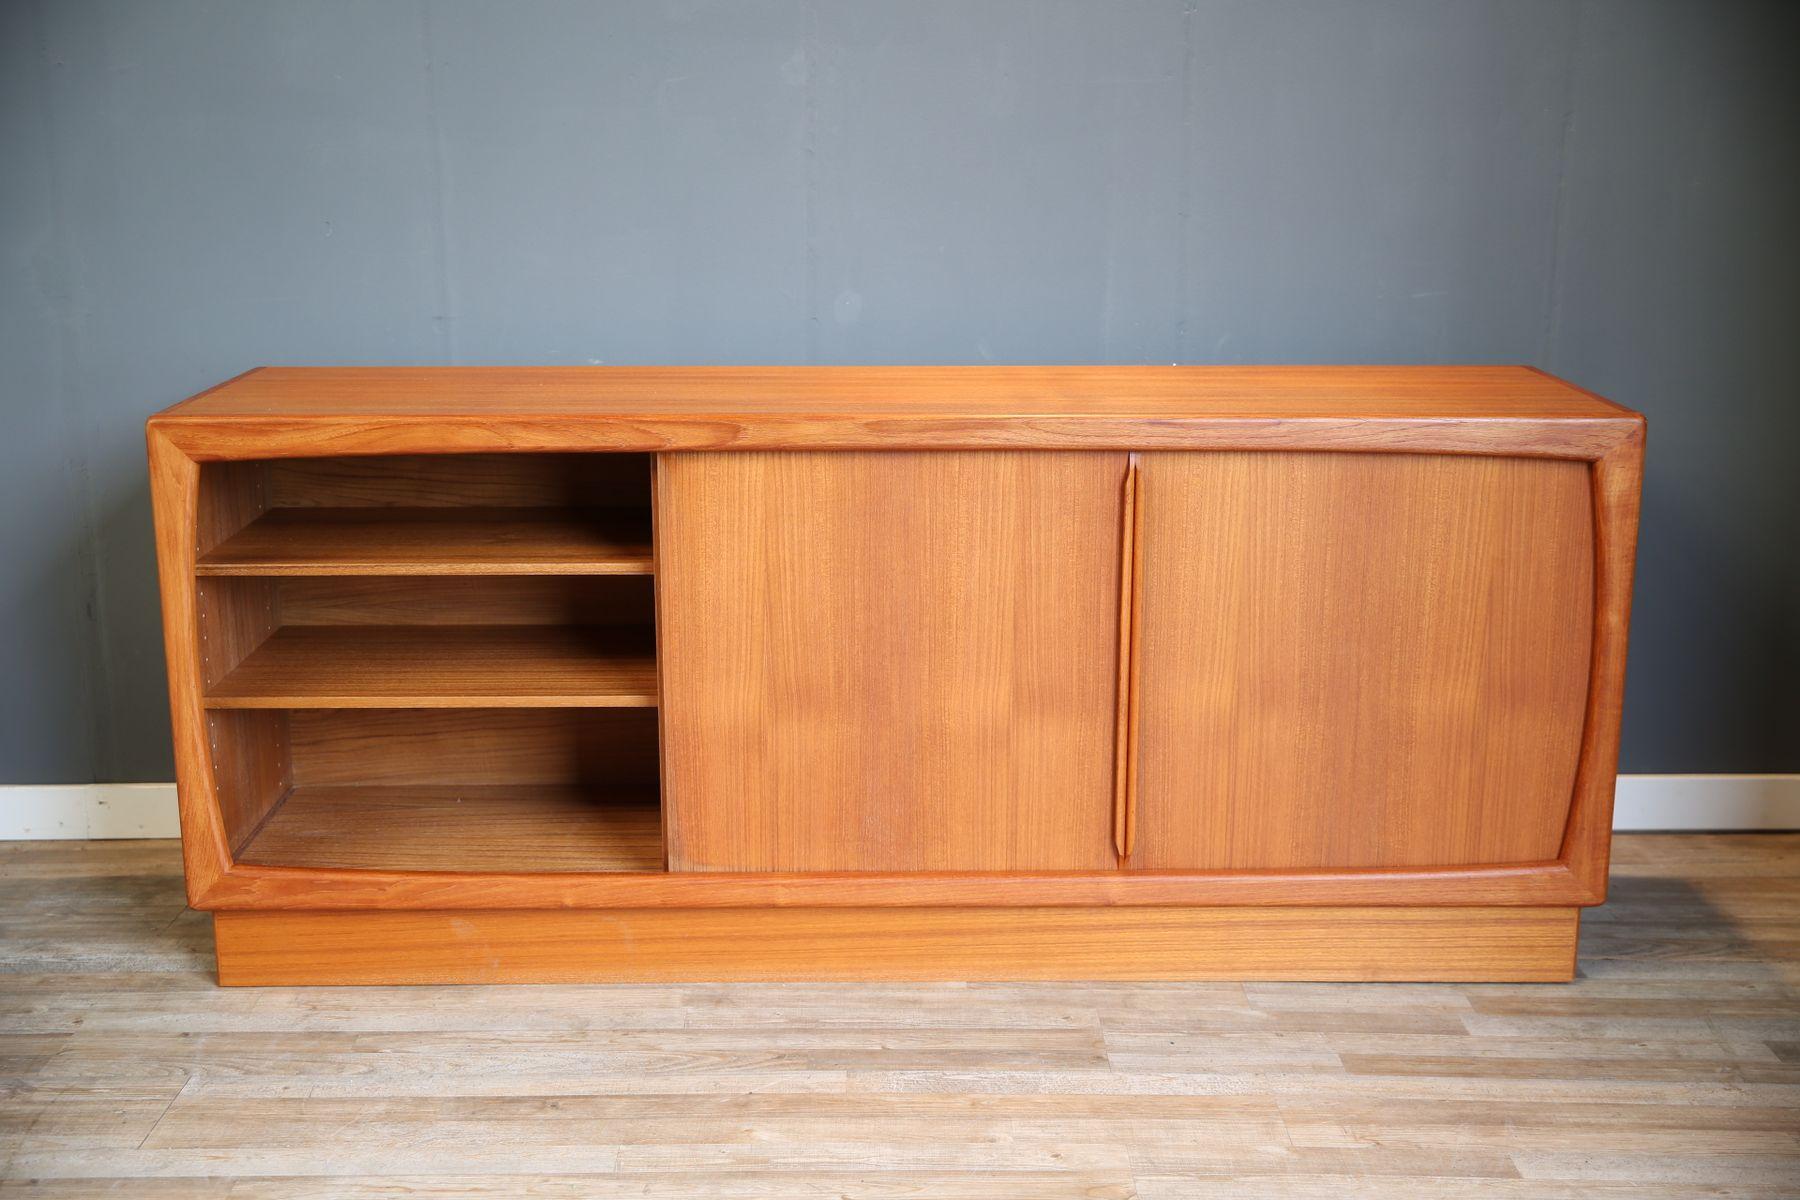 skandinavisches teak sideboard mit sechs schubladen von dyrlund 1960er bei pamono kaufen. Black Bedroom Furniture Sets. Home Design Ideas